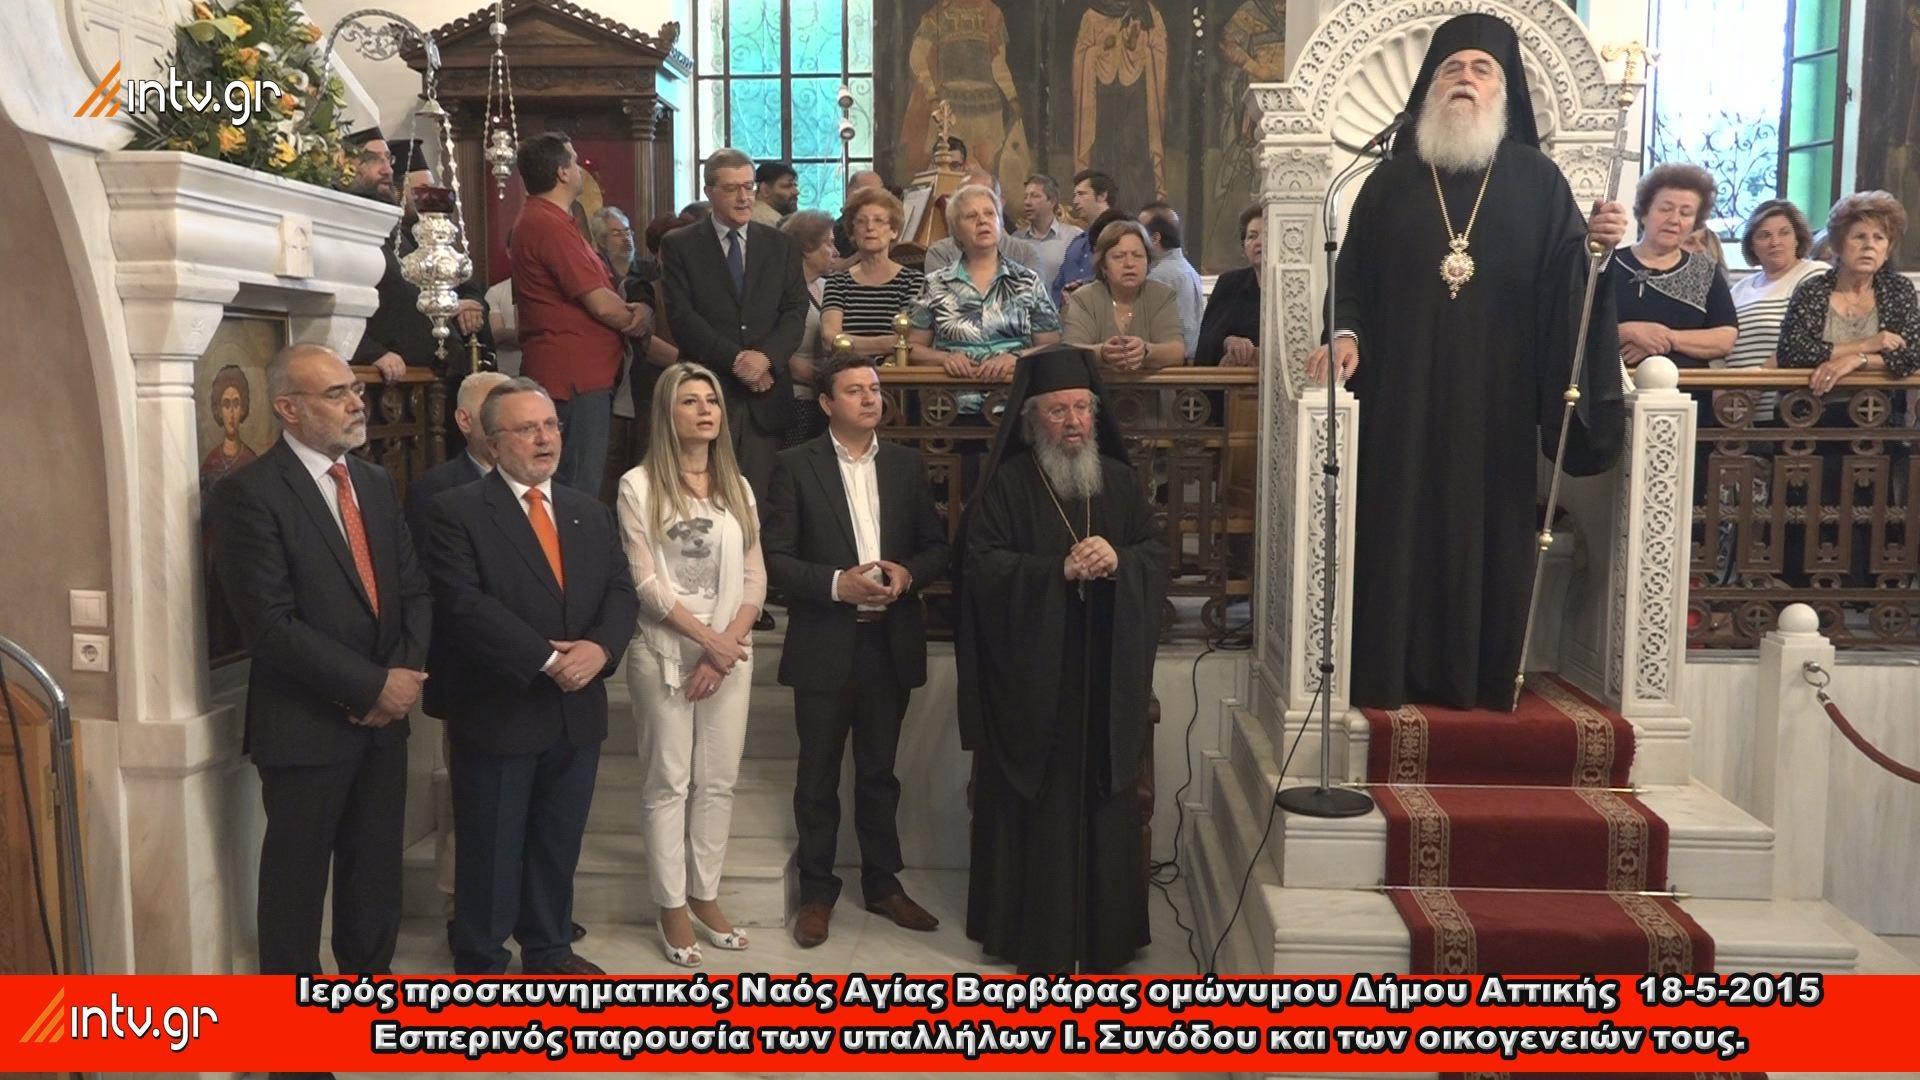 Ιερός προσκυνηματικός Ναός Αγίας Βαρβάρας ομώνυμου Δήμου Αττικής - Εσπερινός παρουσία των υπαλλήλων Ι. Συνόδου και των οικογενειών τους.